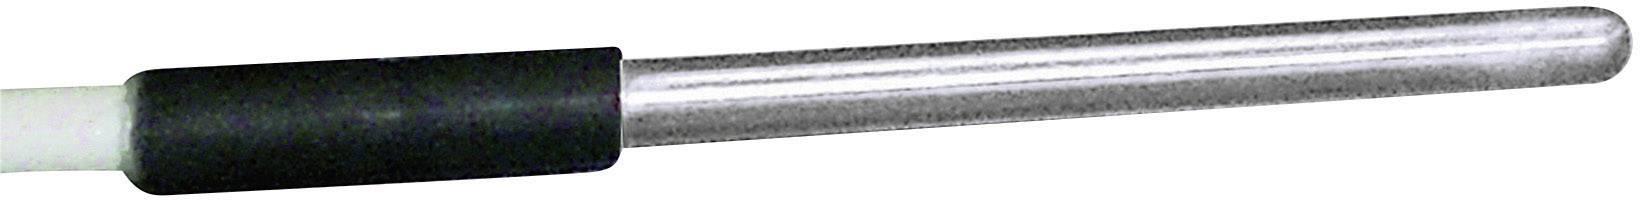 Teplotní čidlo Dostmann Electronic, -50 až +125 °C, pro LOG 100, 8 m kabel